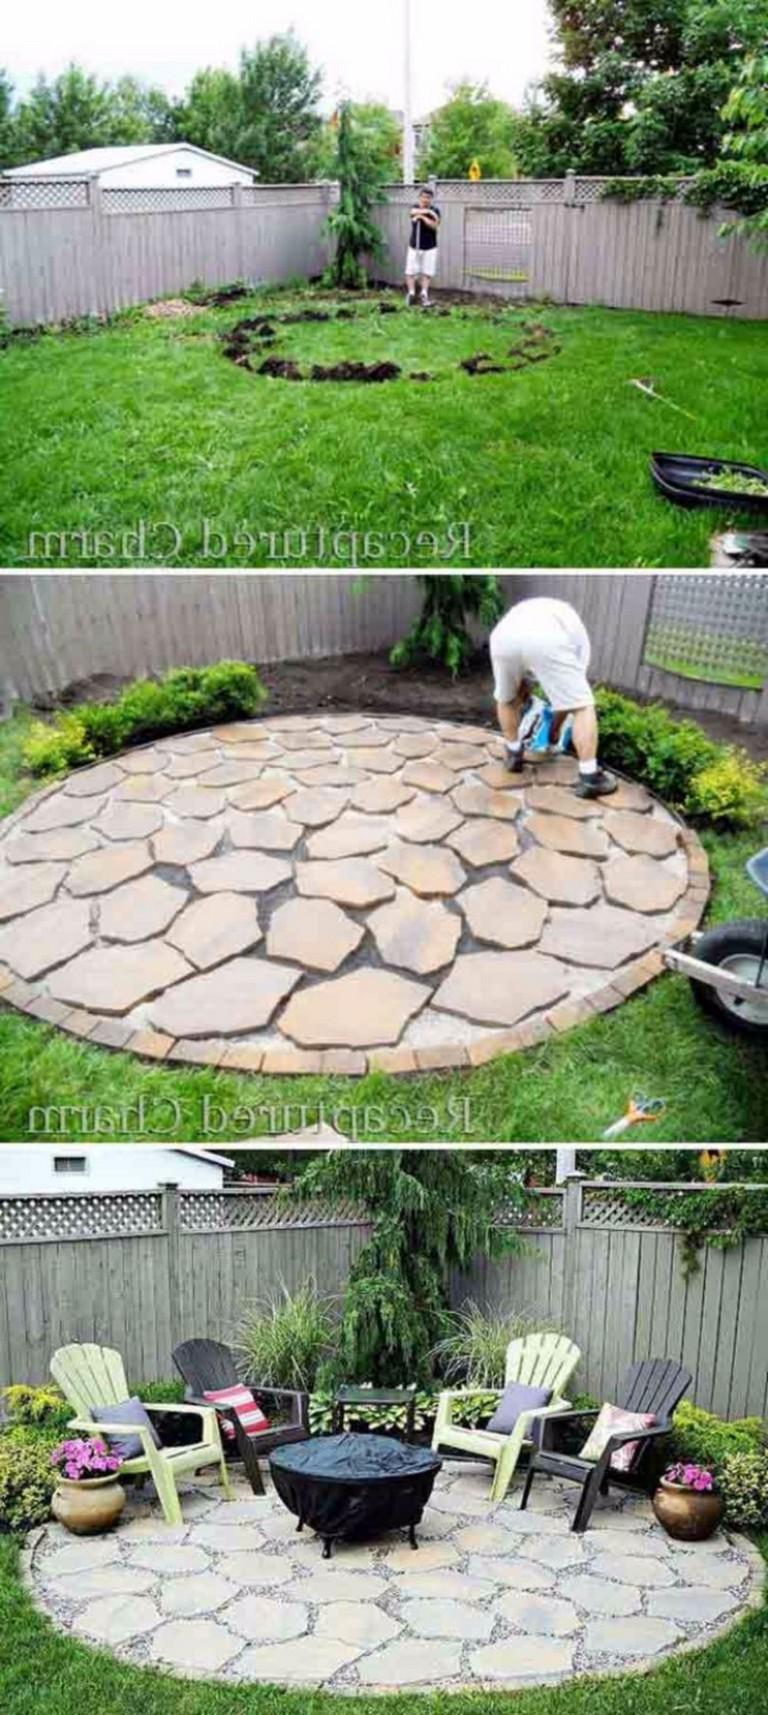 30+ Beautiful Backyard Design Ideas On A Budget - Page 30 ...